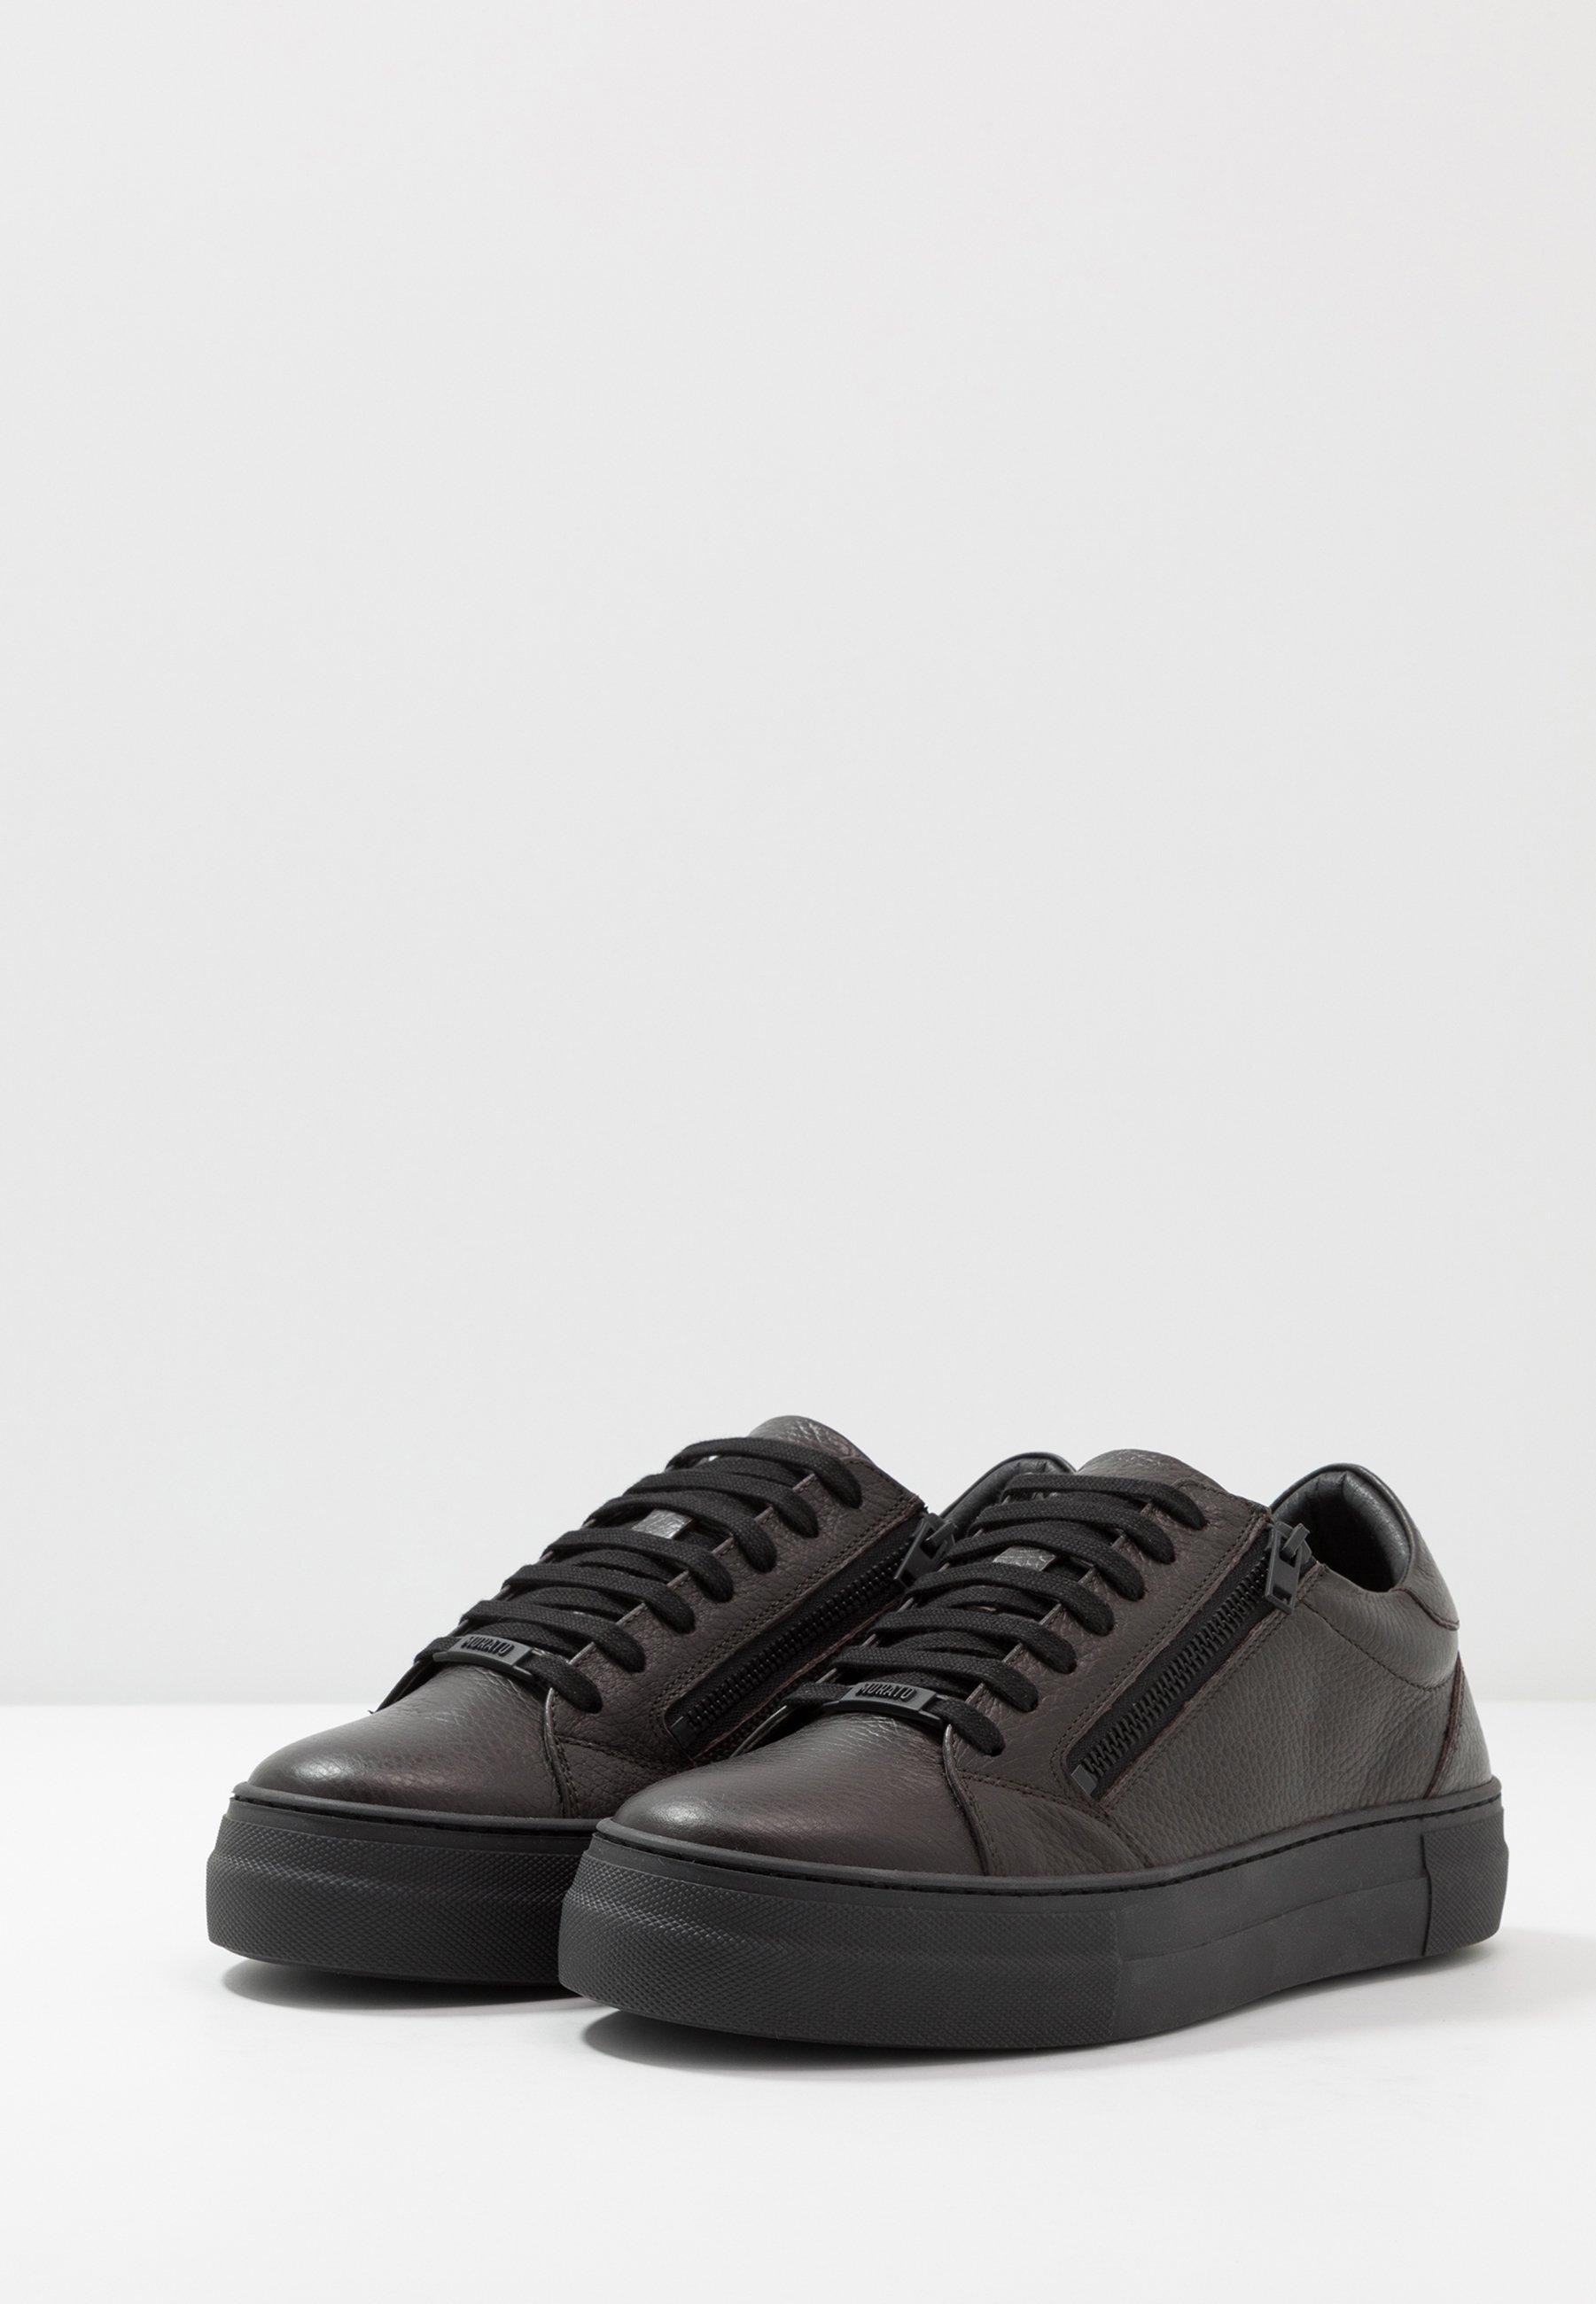 Antony Morato ZIPPER - Sneaker low - brown/braun - Herrenschuhe qdbBn